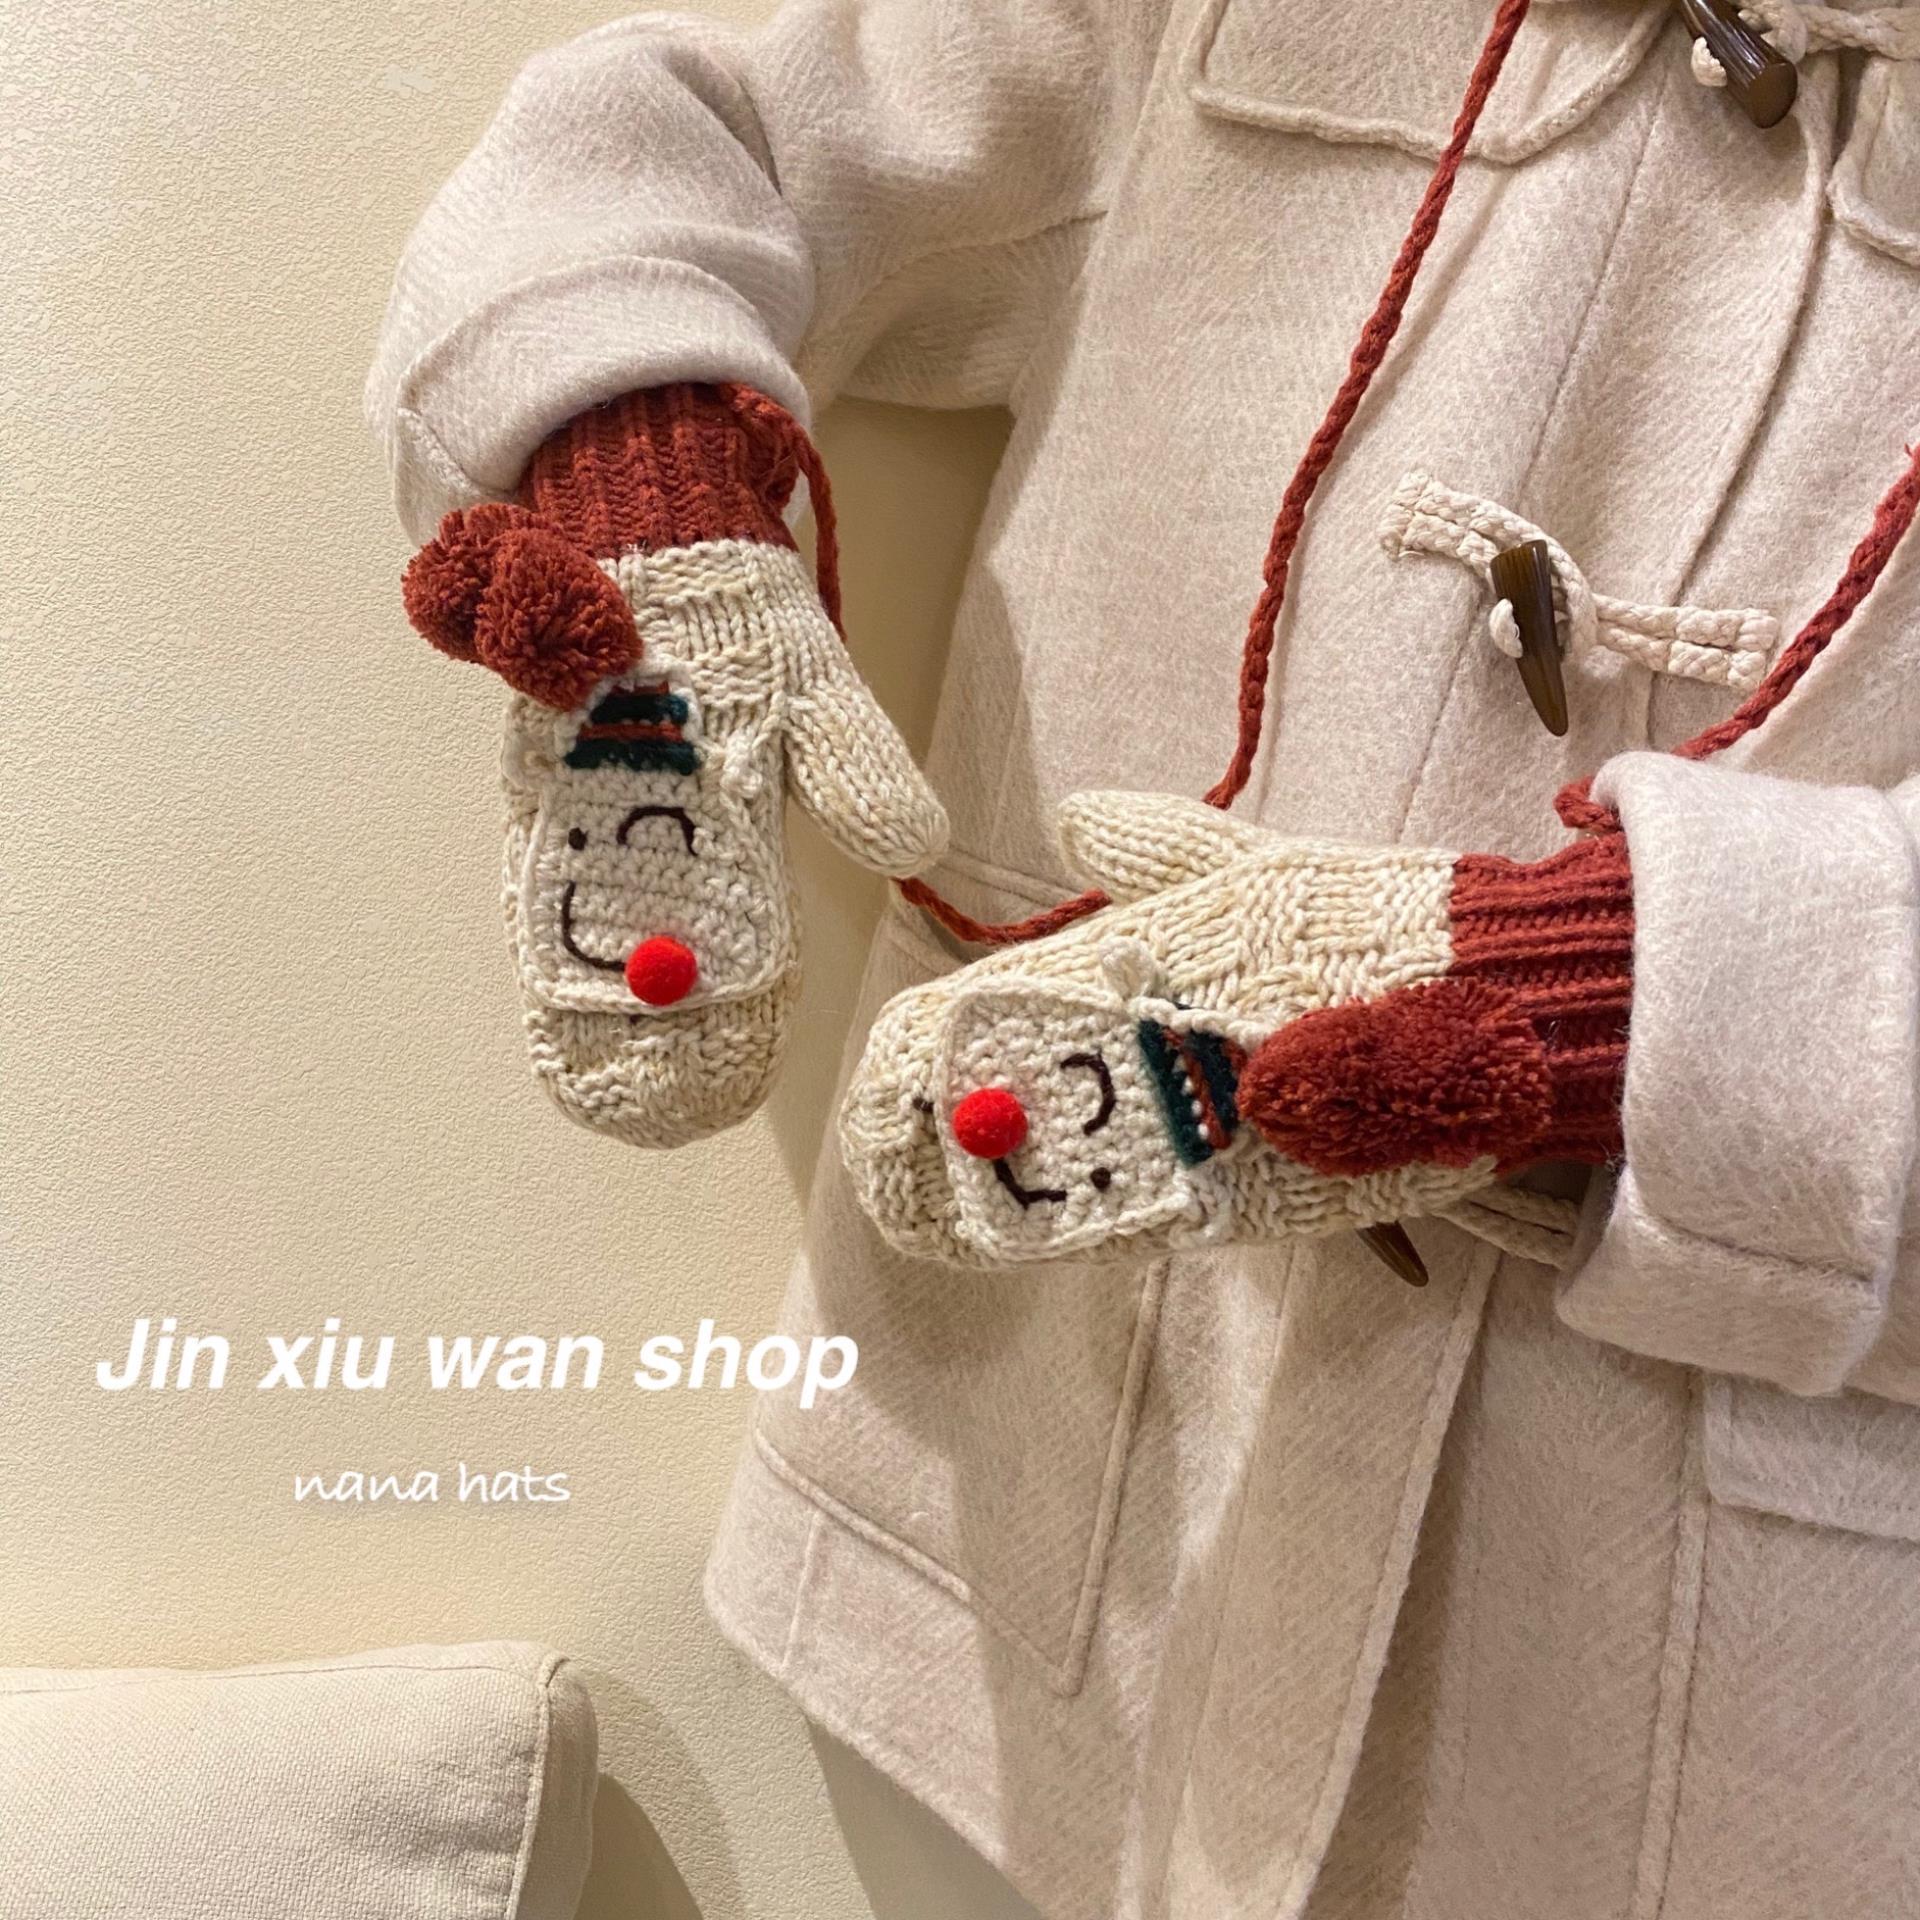 韩国可爱加绒棉手工毛线手套女冬季保暖学生加厚挂脖连指手套软妹